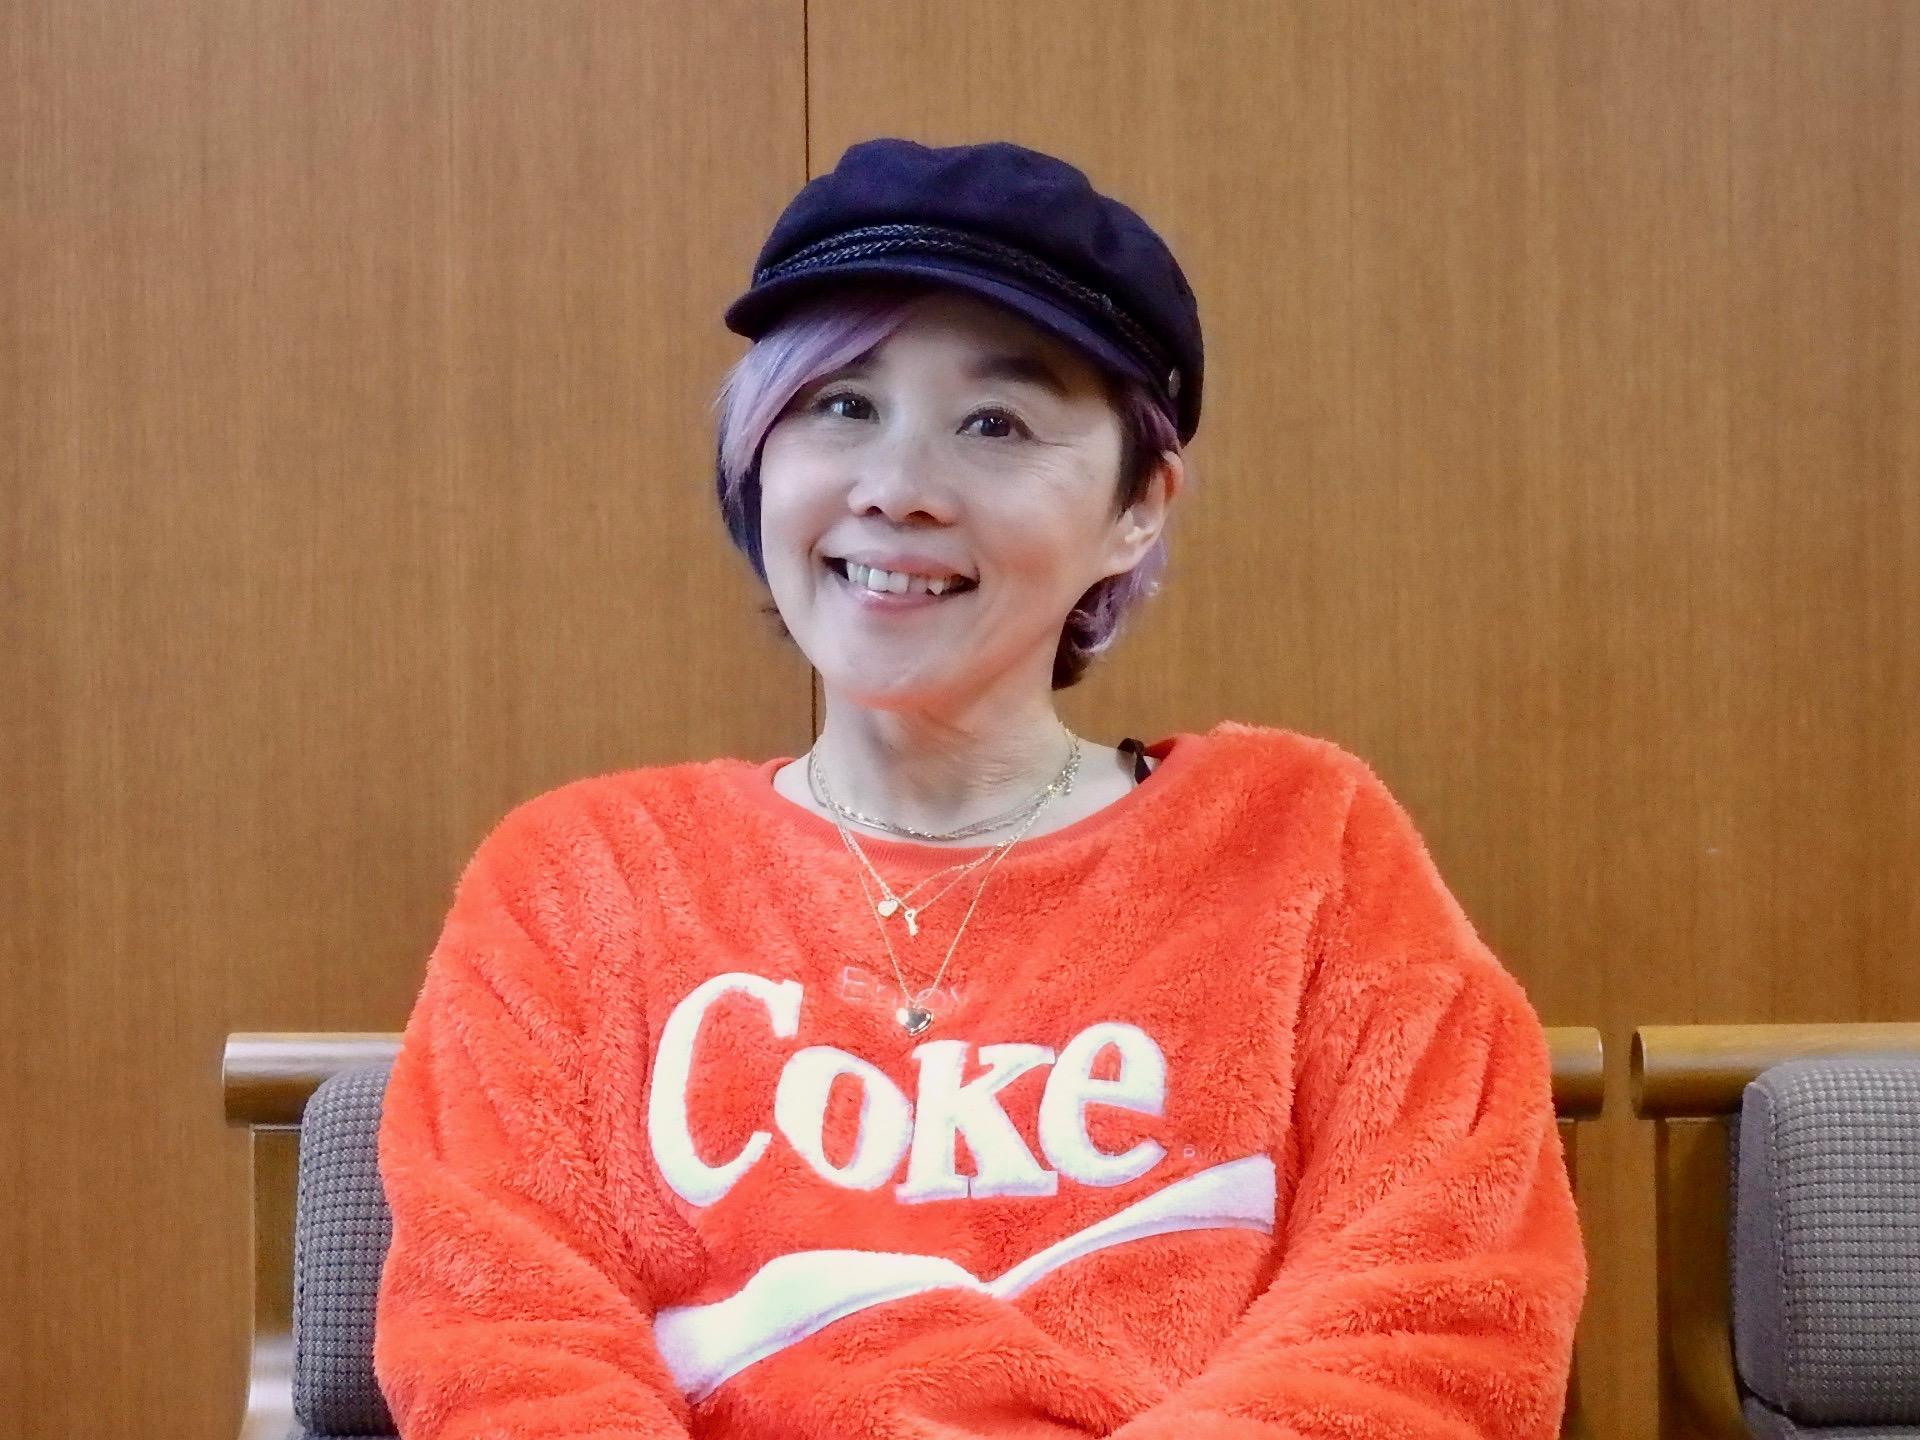 http://news.yoshimoto.co.jp/20180105003143-d040a62bb9c771f919d6eea652b450f608286f30.jpg